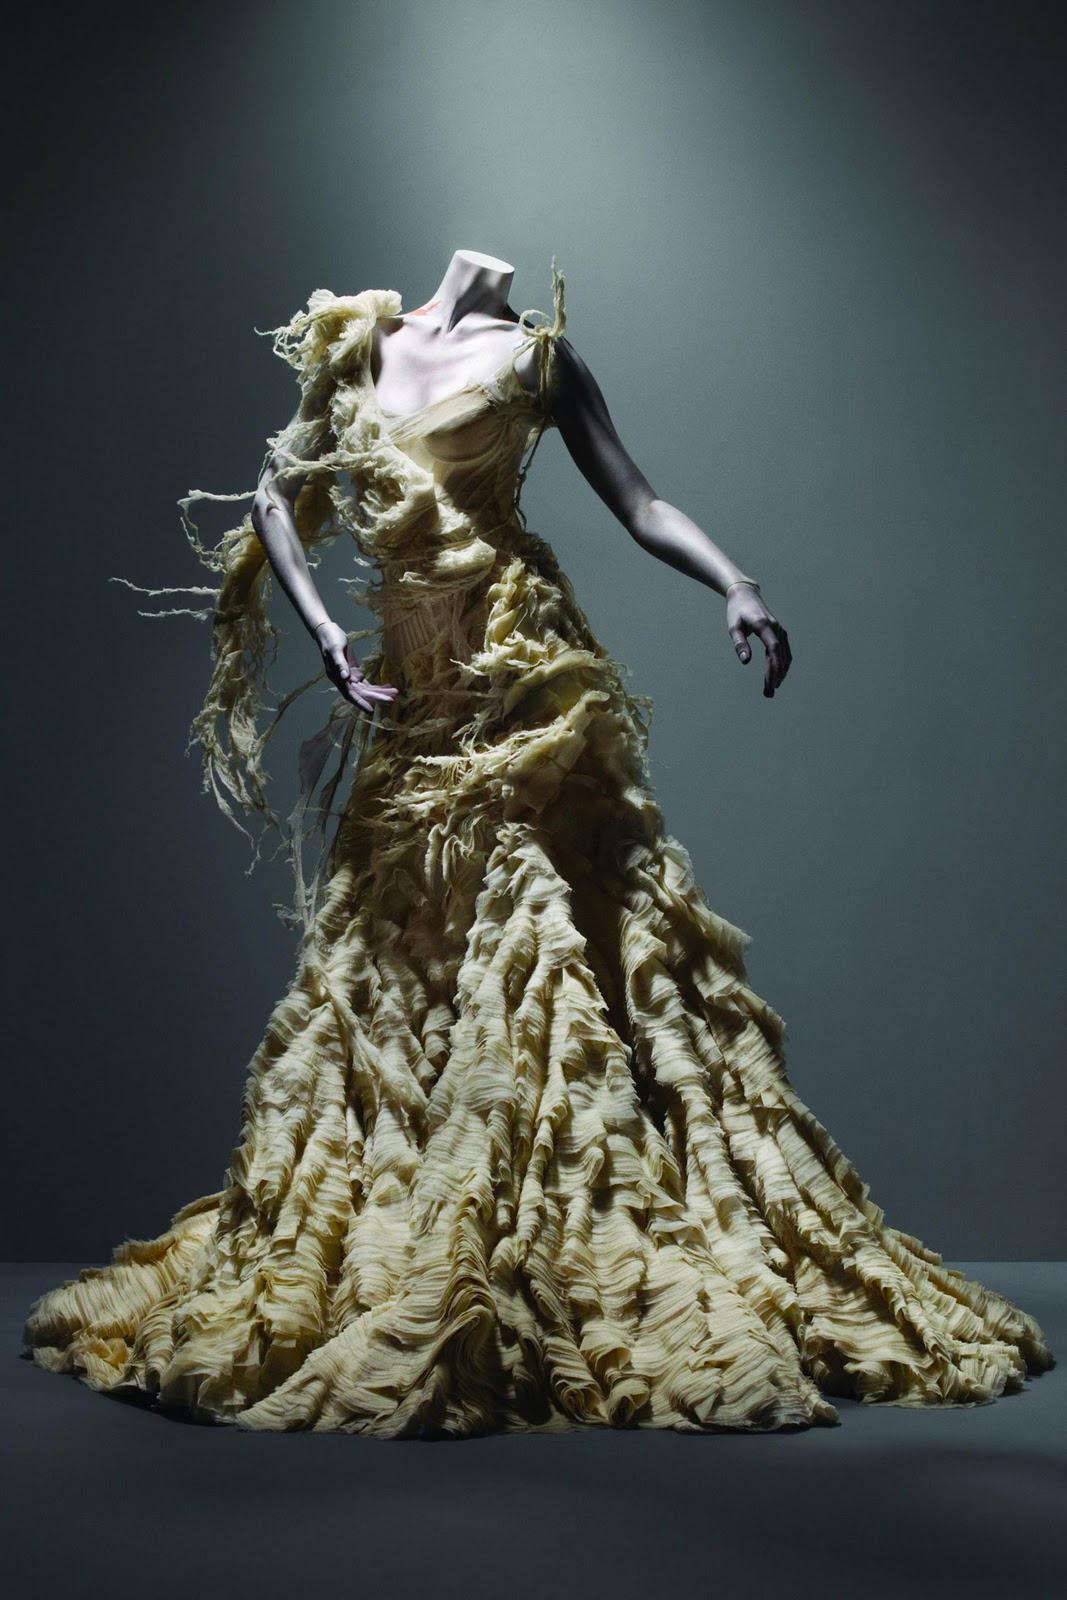 Alexander_Mc_Queen_oyster_dress_savage_beauty